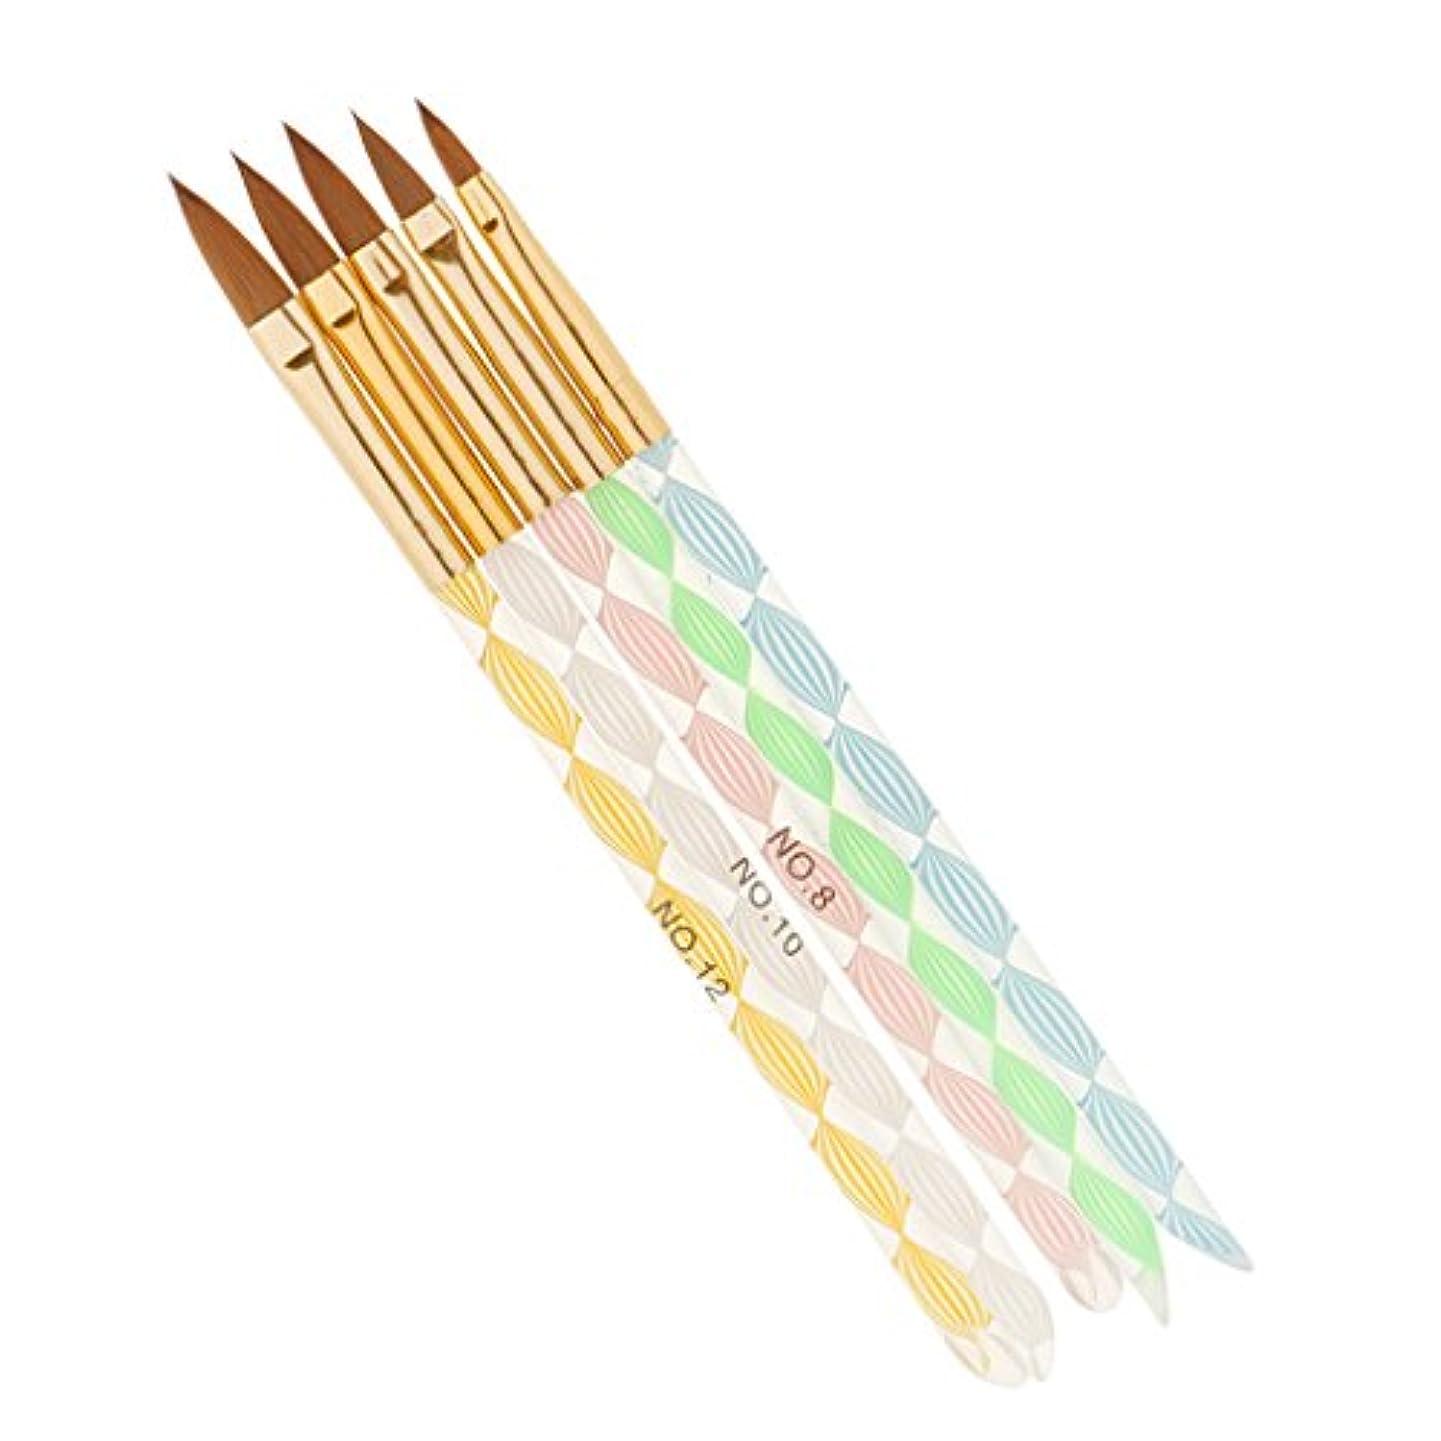 荒廃する信念クレーン5本 ネイルアート デザイン ブラシキット マニキュアツール 絵画 描画 磨き ブラシ